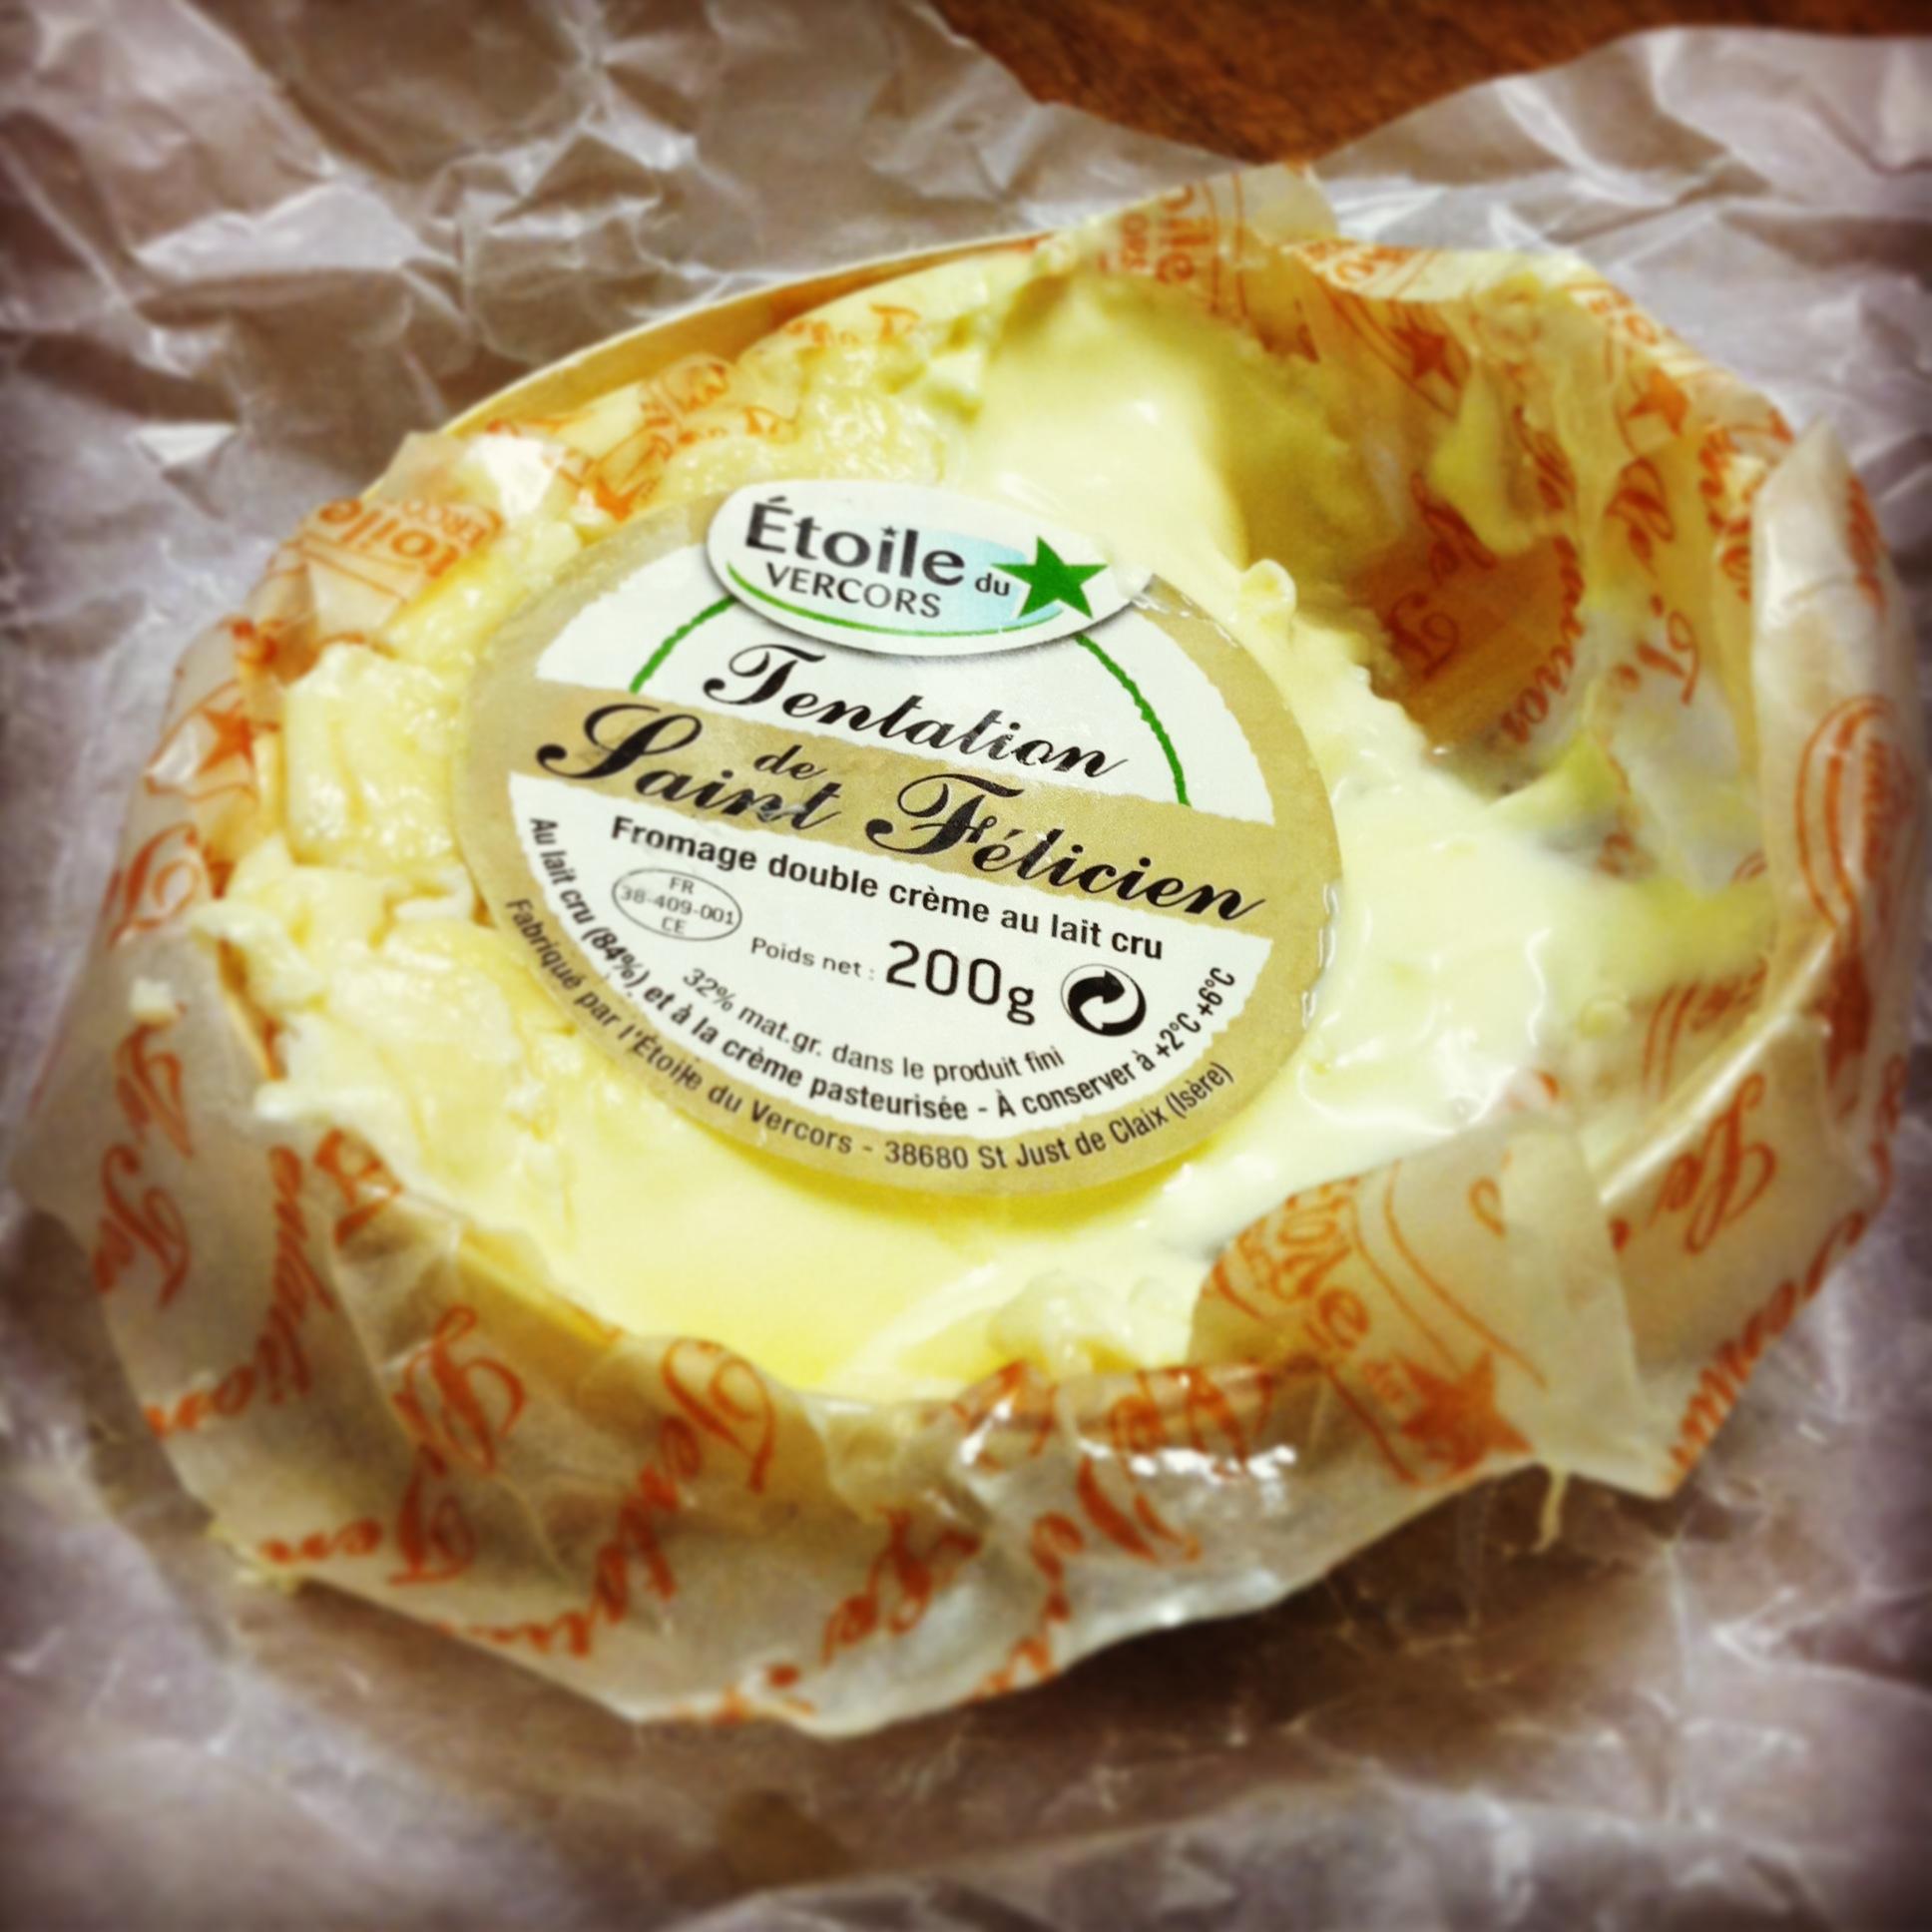 creamy orange liquid camembert